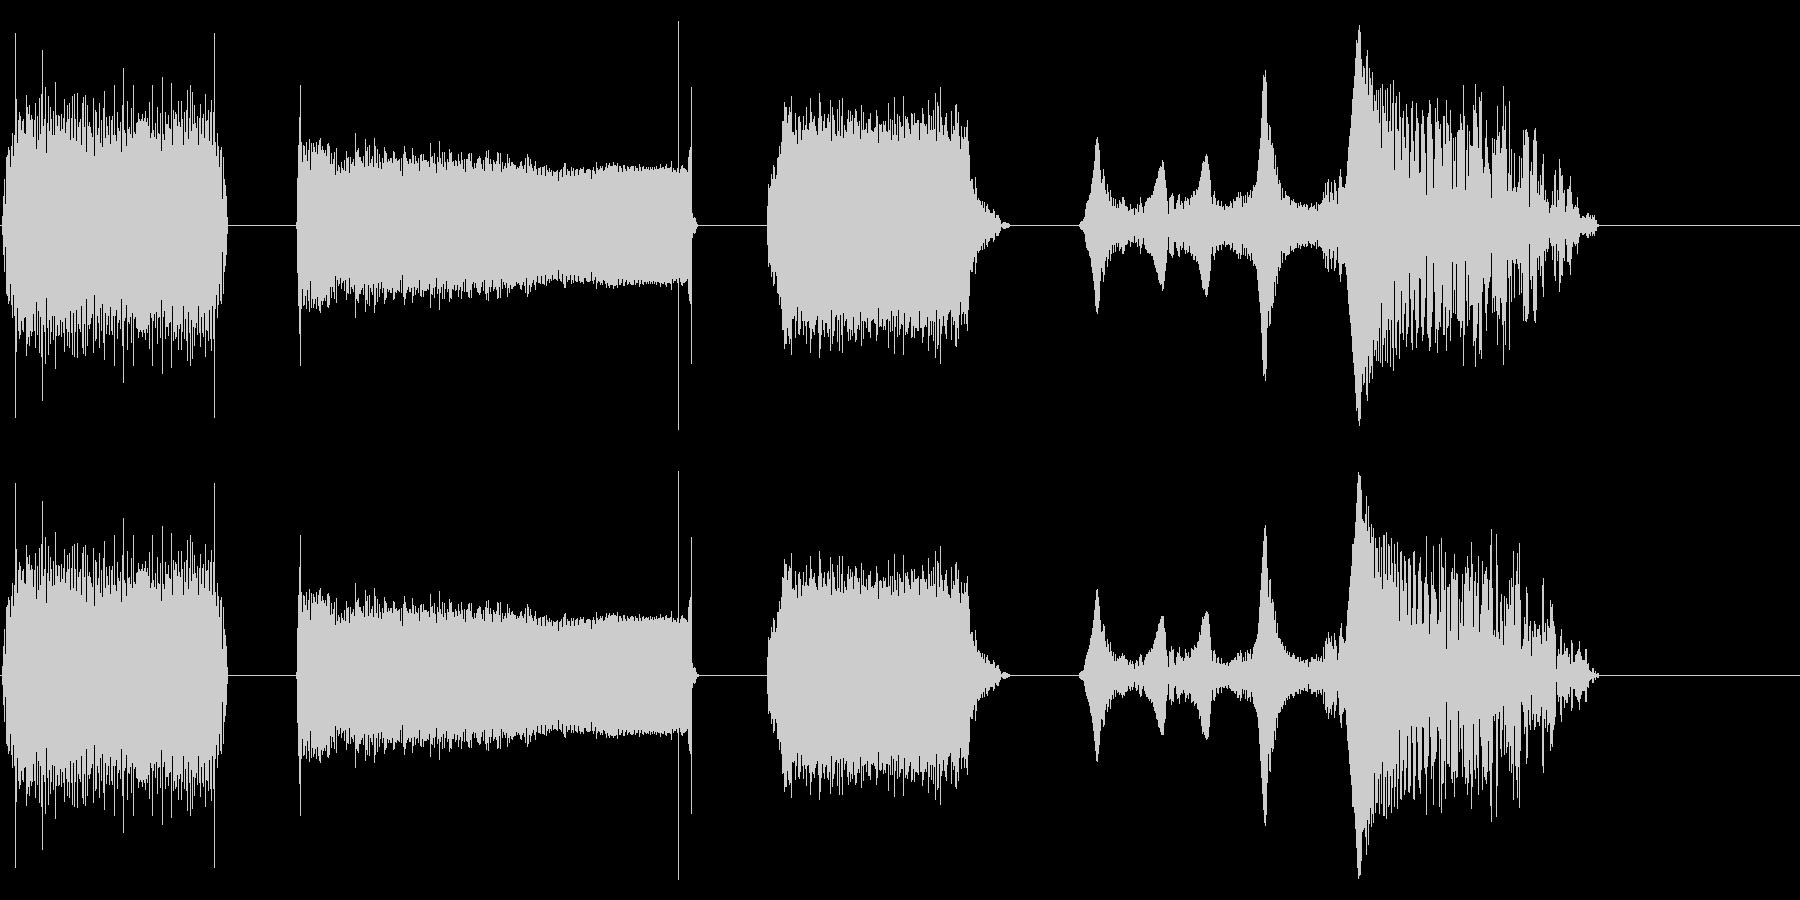 電源、レーザー、アップおよびアウトX4の未再生の波形